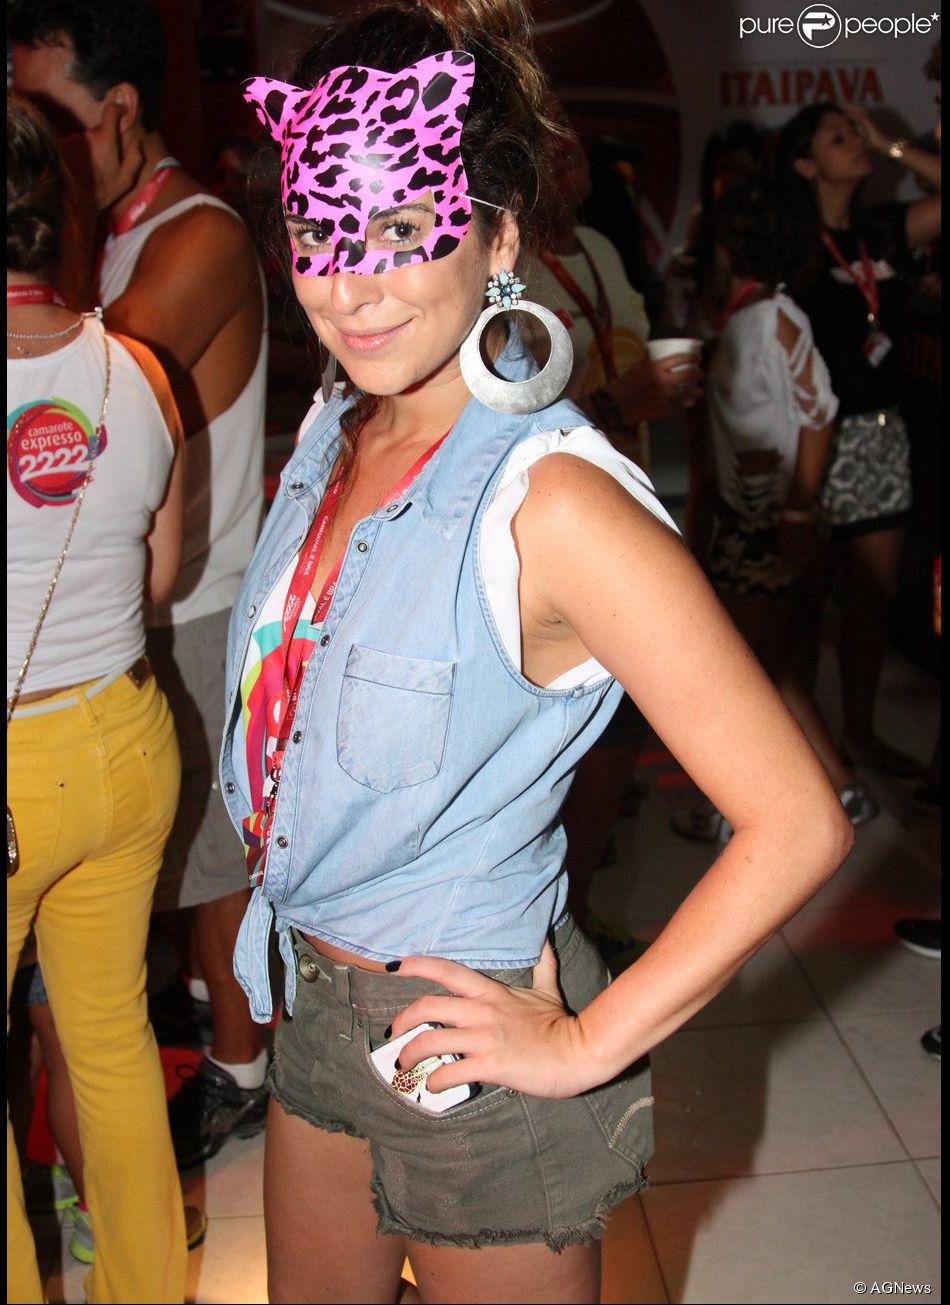 Fernanda Paes Leme foi ao camarote Expresso 2222 com uma máscara de oncinha (01 de março de 2014)